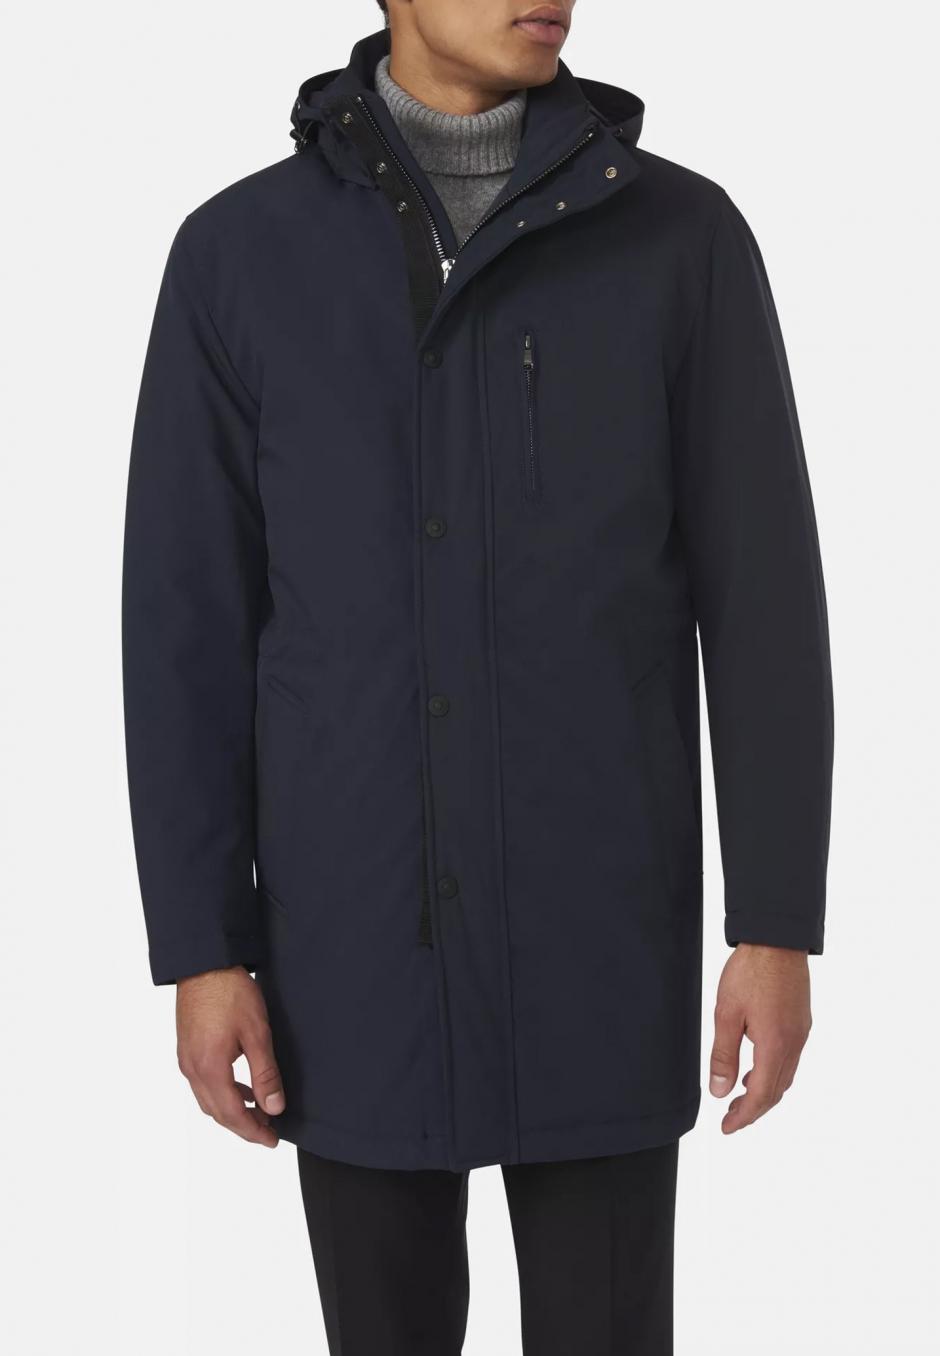 Oscar Jacobson Dammond Jacket